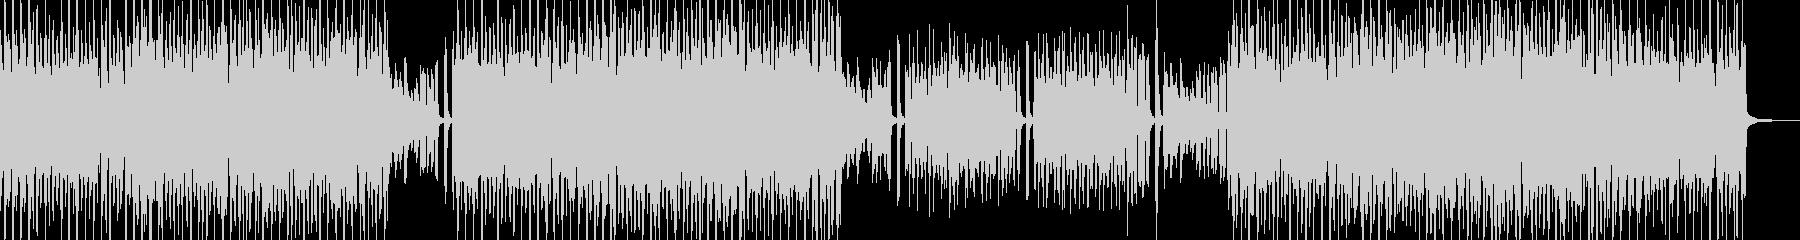 シンプル・フルート&打楽器スィングポップの未再生の波形